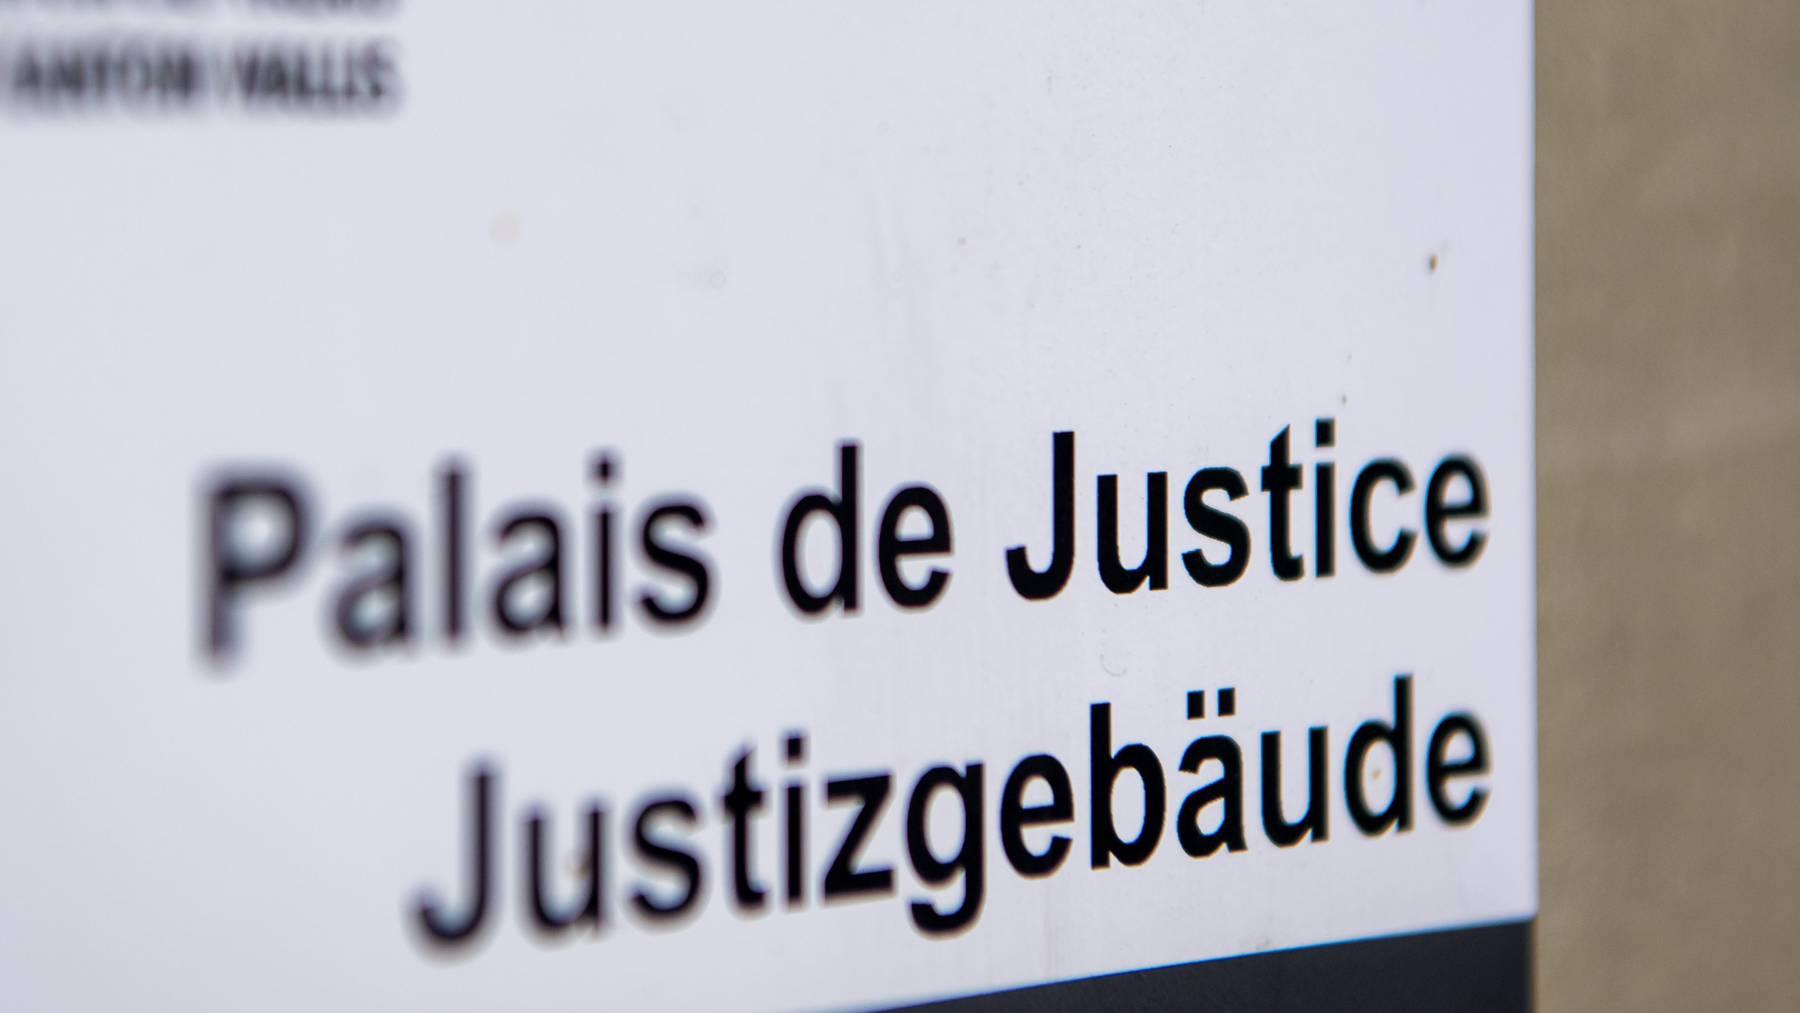 Schweizer Gerichte verurteilten 2019 rund 120'000 Personen. (Symbolbild)